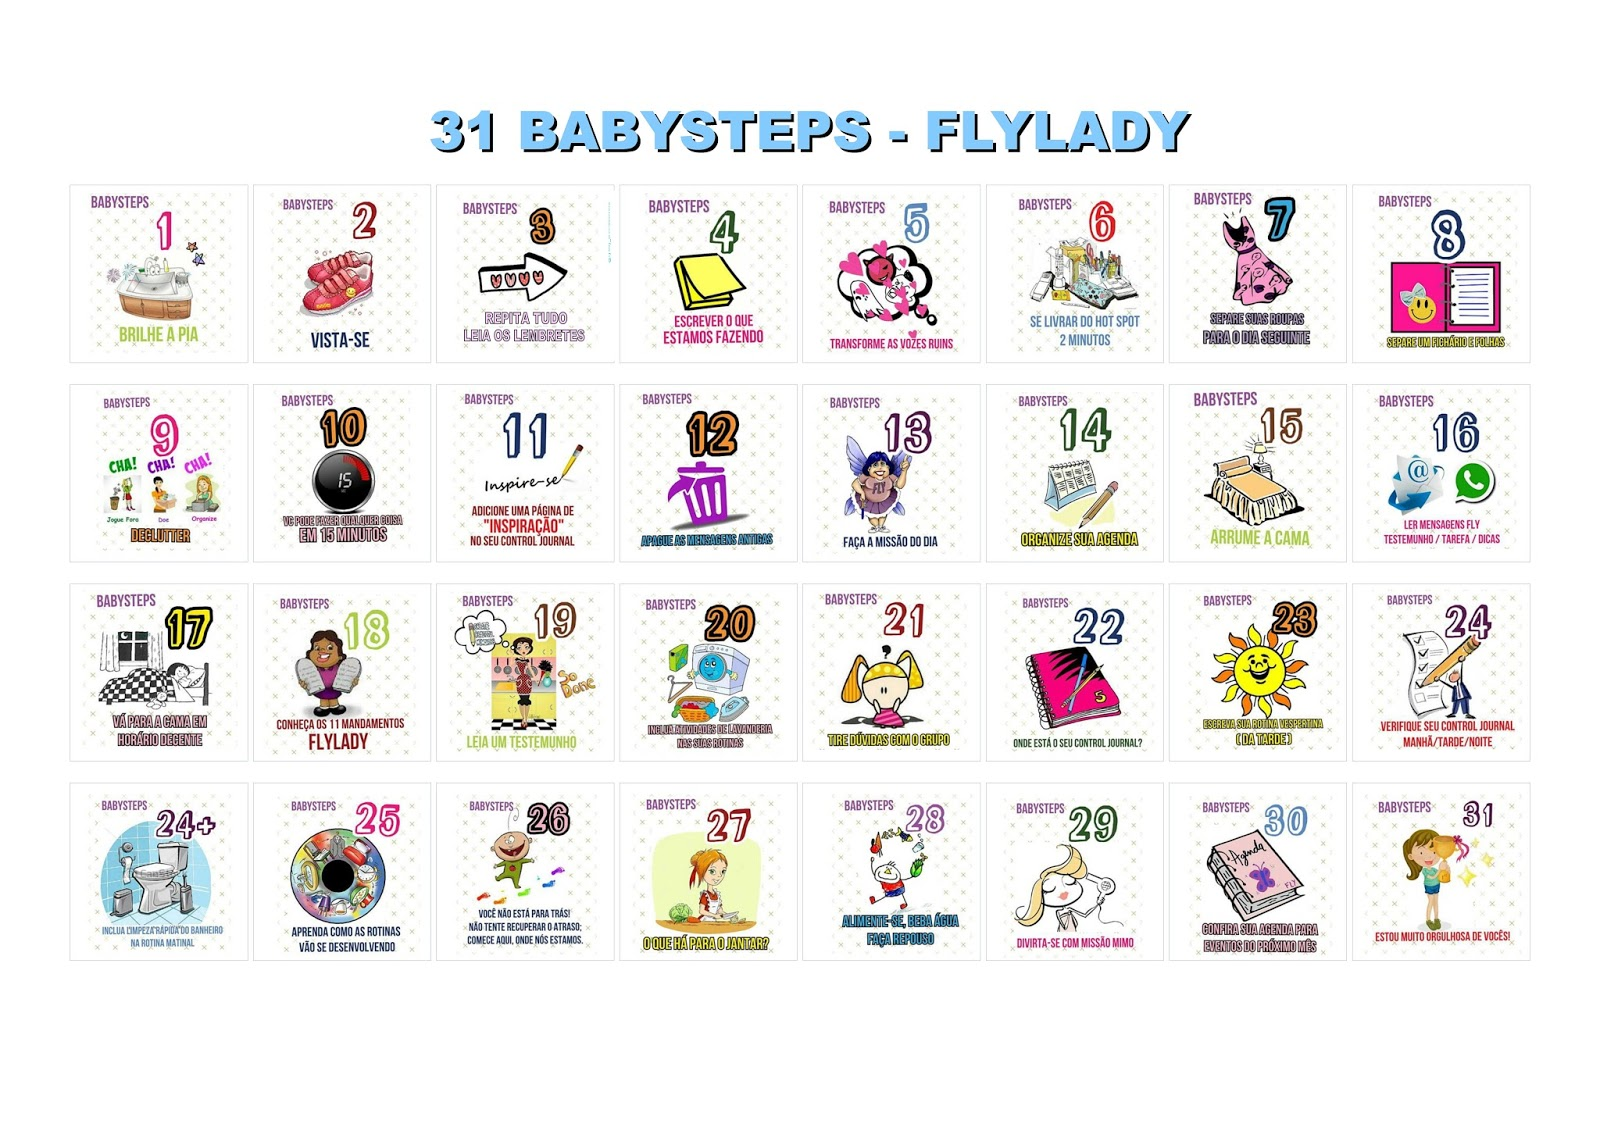 flylady 31 baby steps pdf